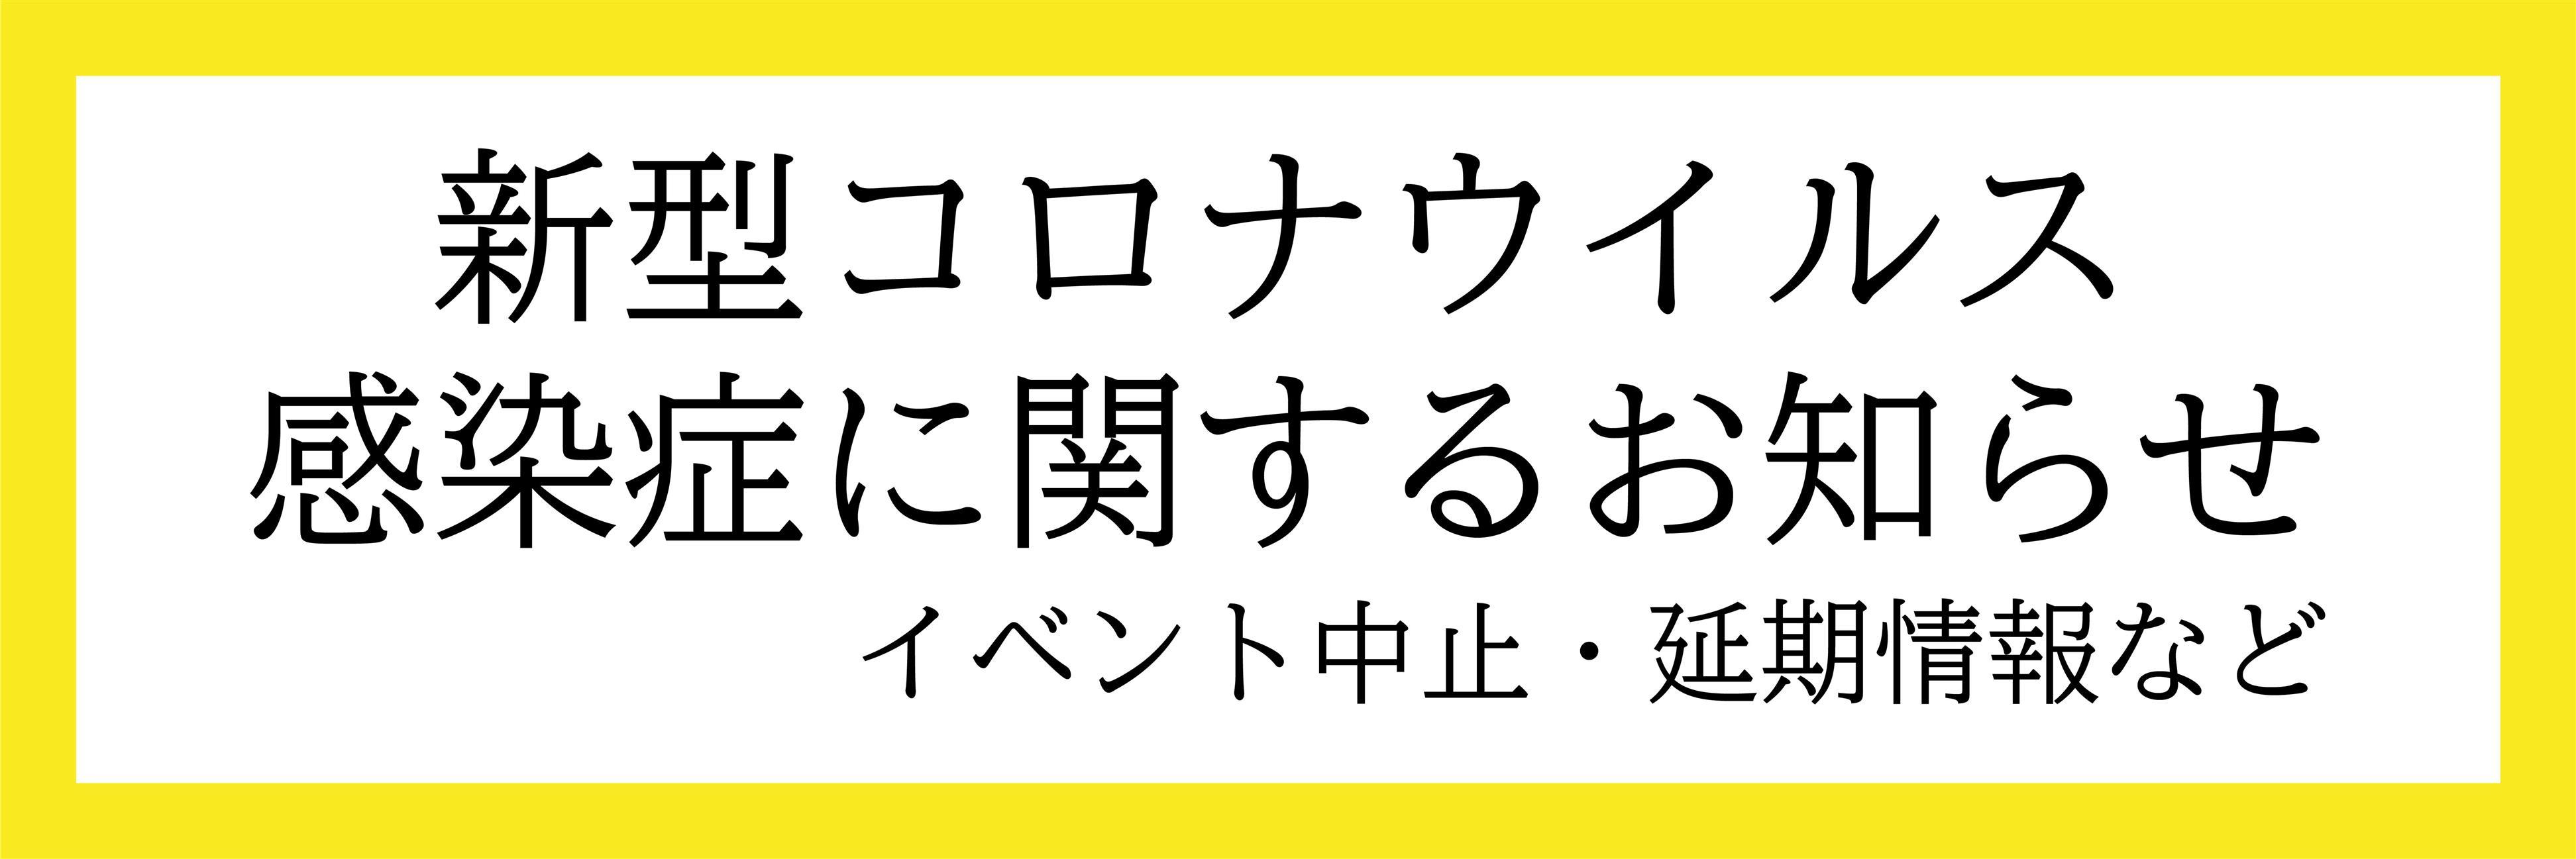 コロナ 佐賀 情報 県